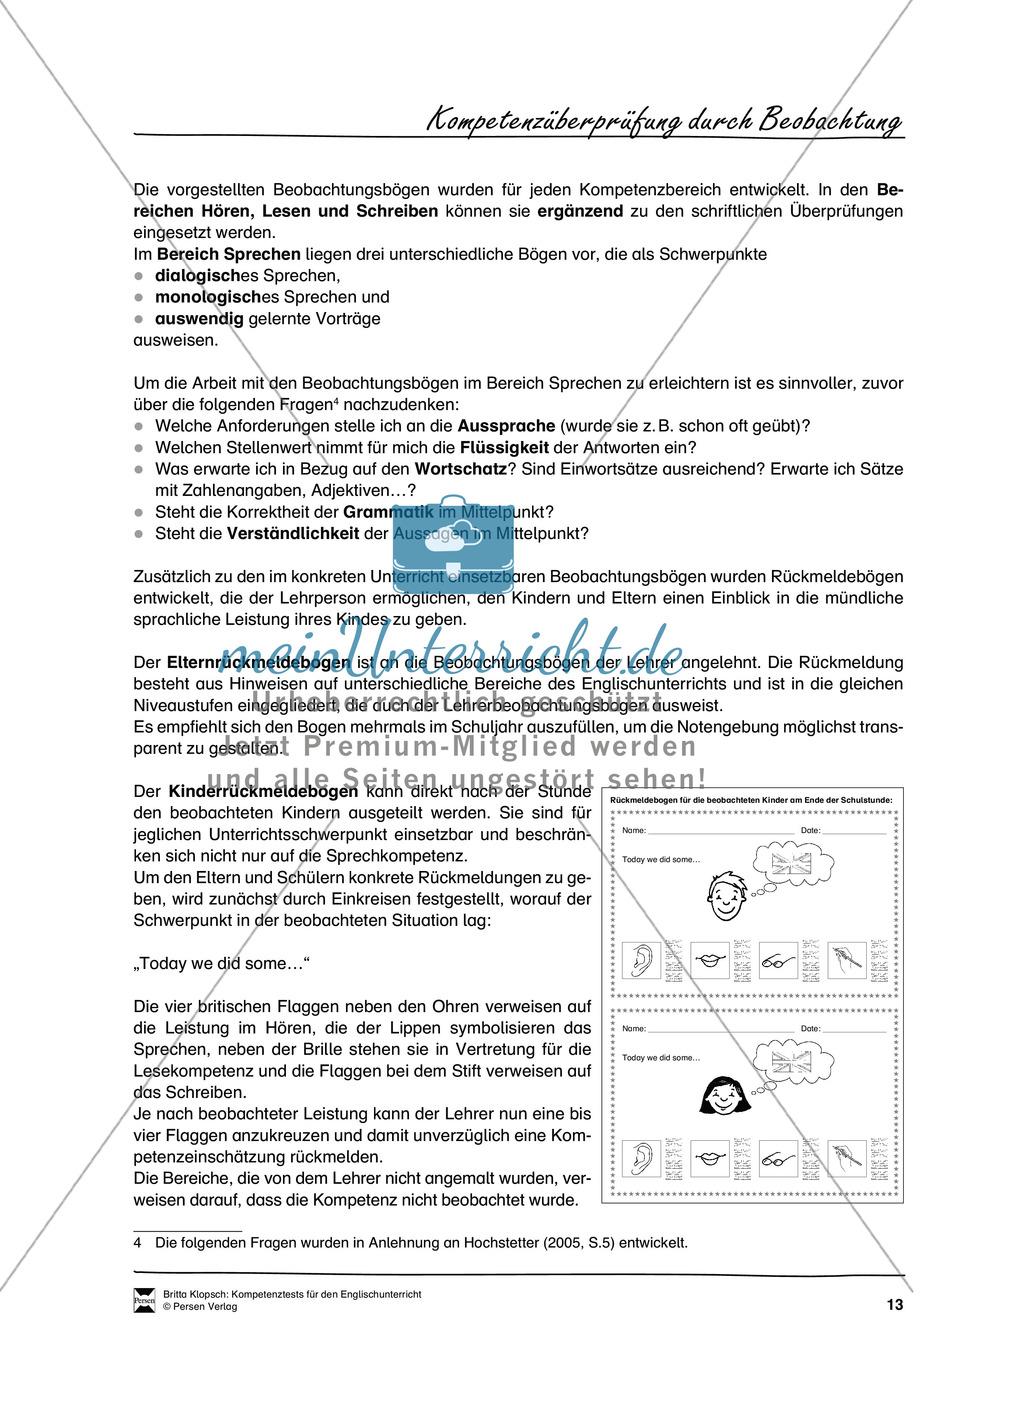 Die praktische Umsetzung - Kompetenzüberprüfung durch Beobachtung: Vorgehensweise + Beobachtungsbögen Preview 1